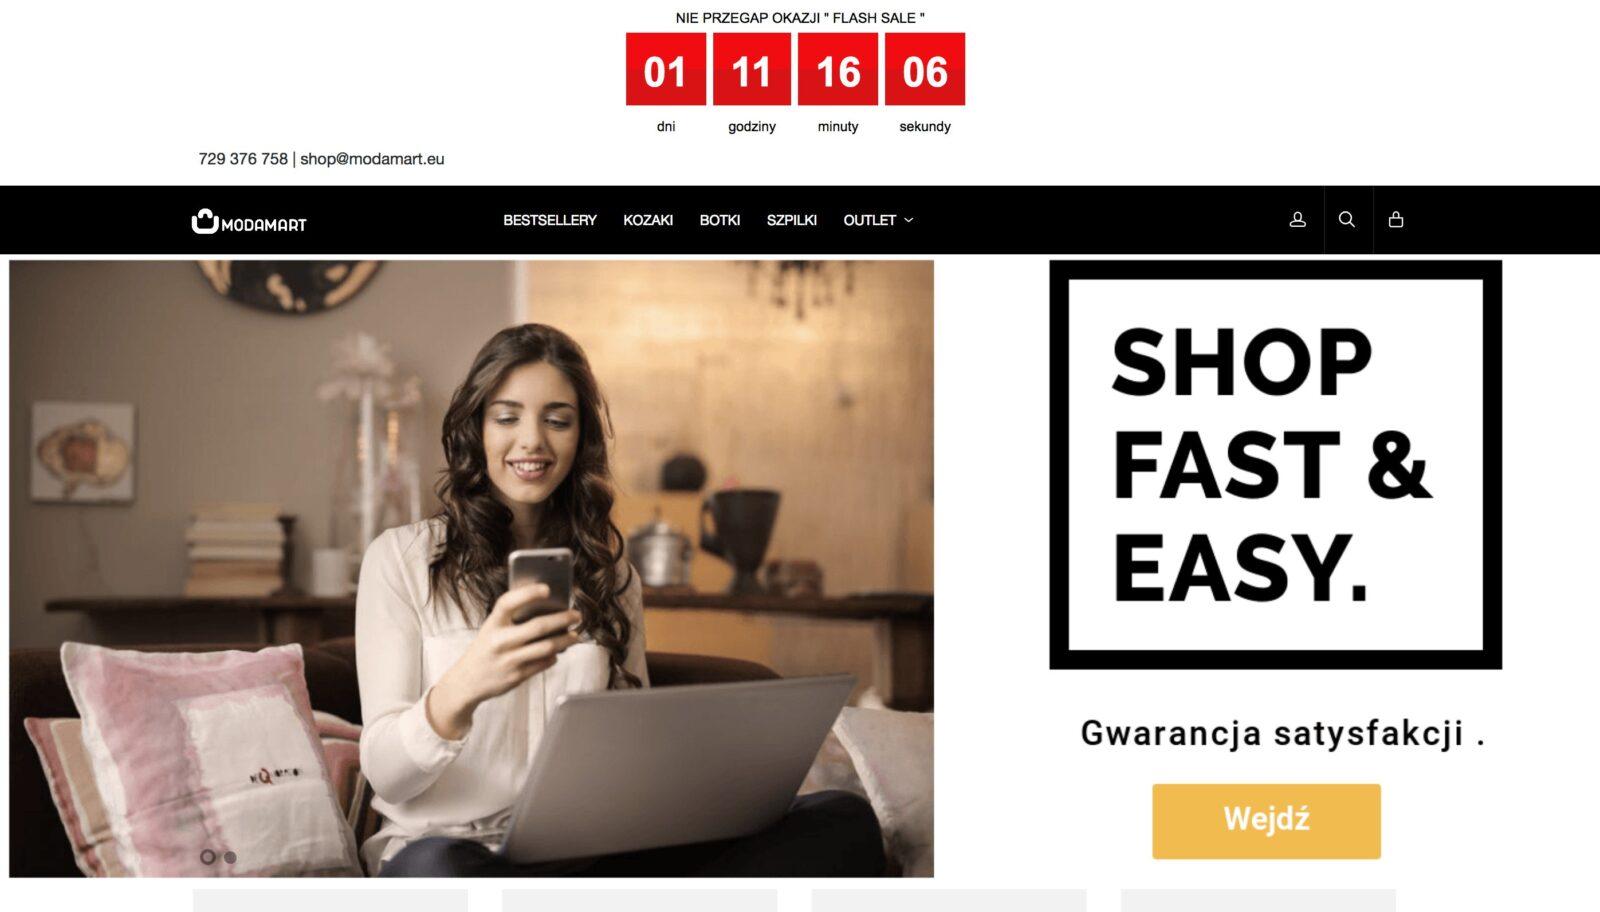 Jak wykorzystać licznik betimes.pl - oferta ograniczona czasowo